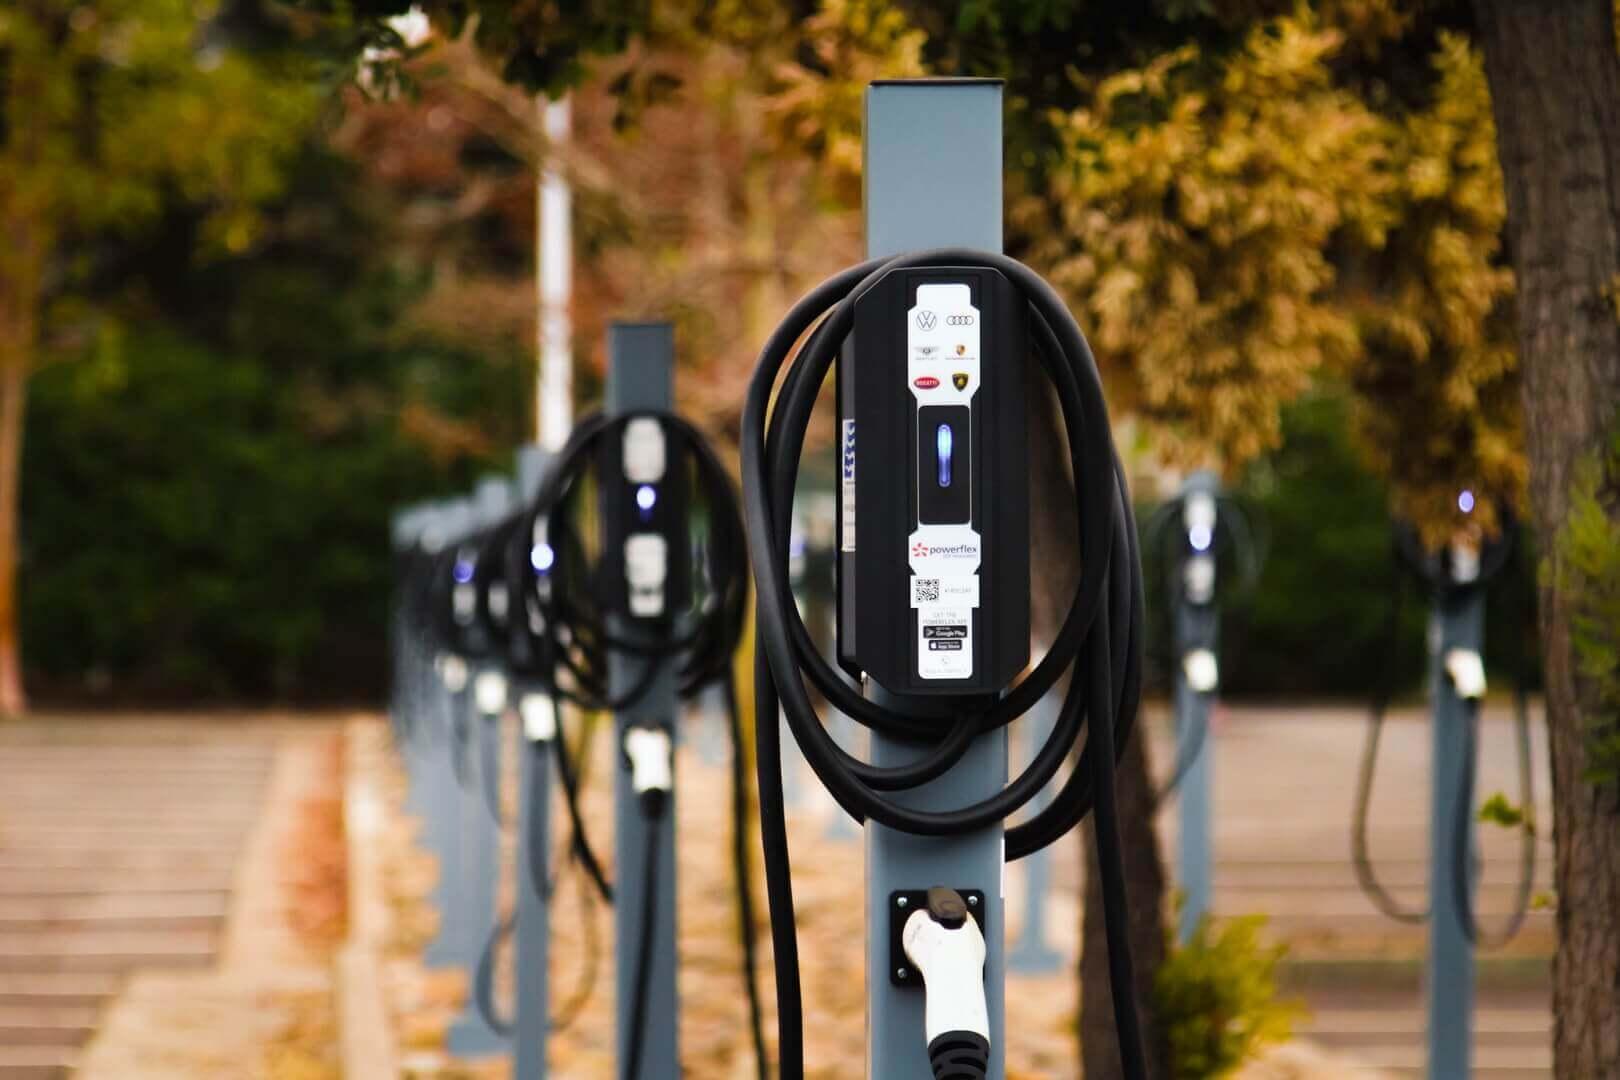 Кампус IECC в Кремниевой долине пополнился зарядными устройствами для электромобилей